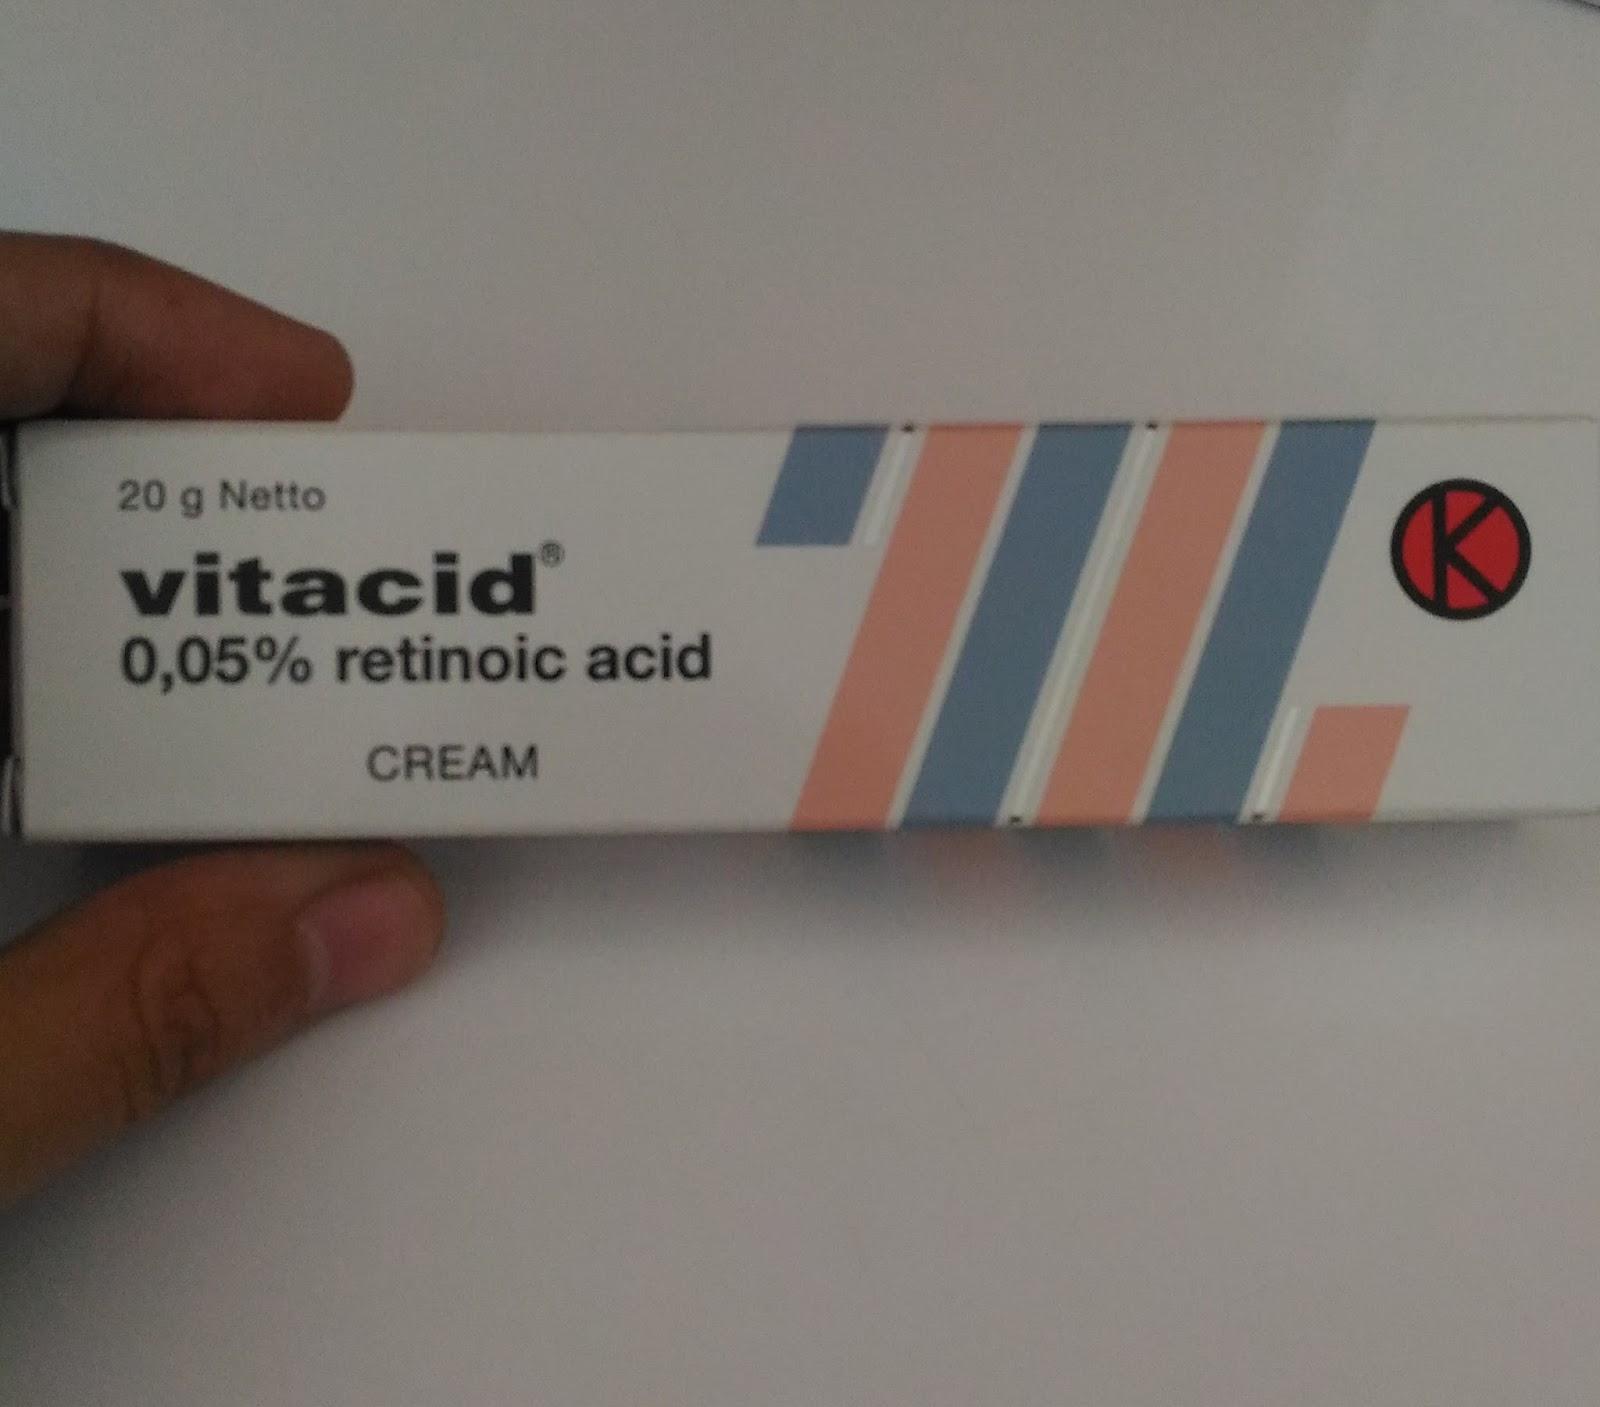 Vitacid Kok Makin Banyak Jerawat Saya Pada Saat Saya Pake